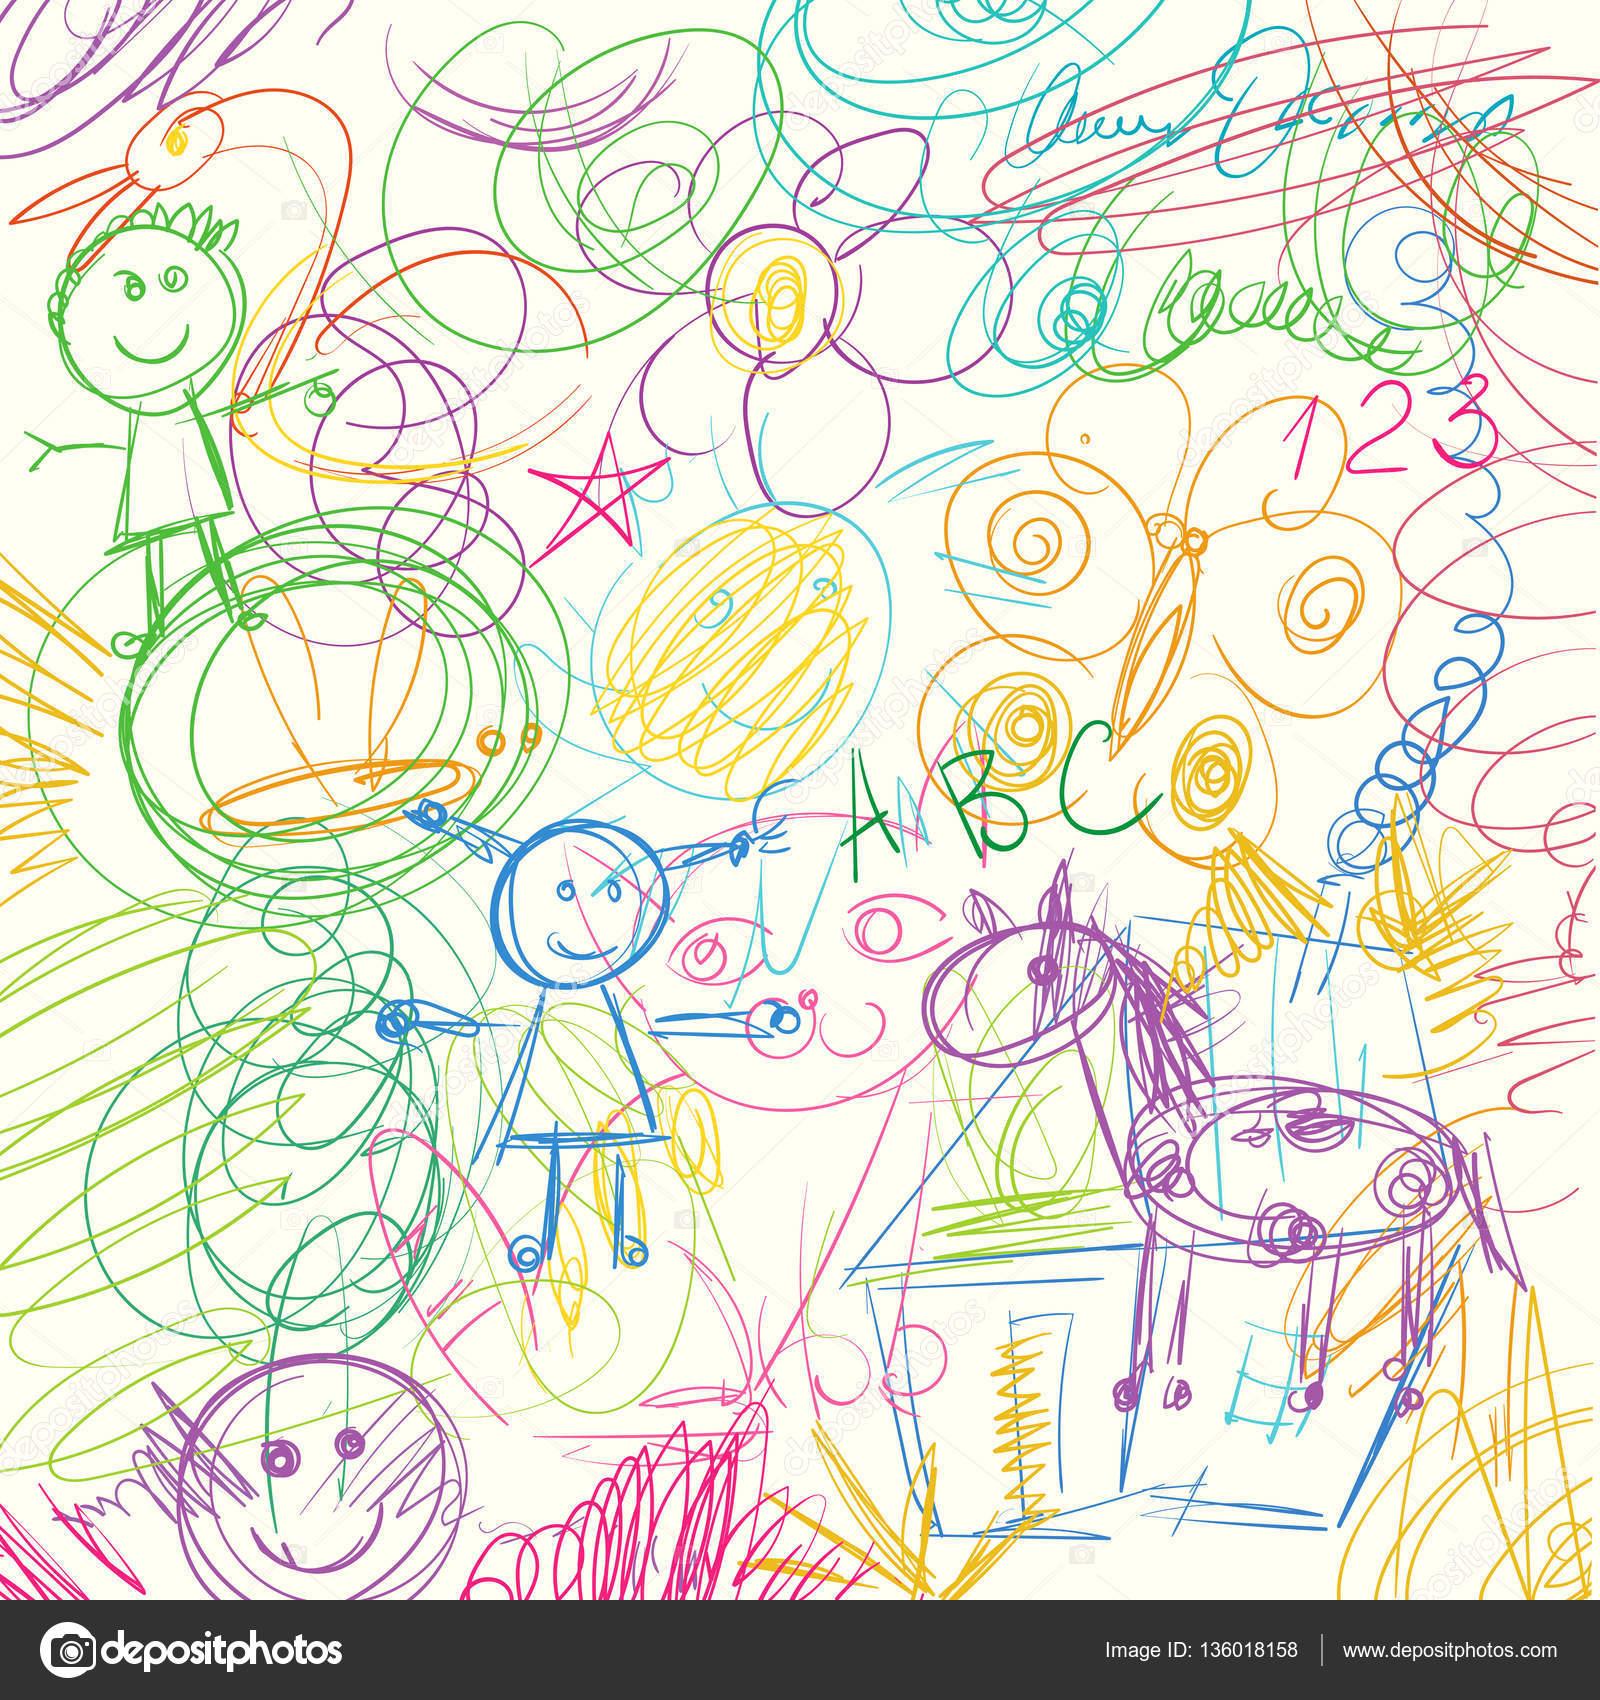 Rabiscos de l pis de cor feitos por uma crian a vetores - Garabatos mobiliario juvenil e infantil ...